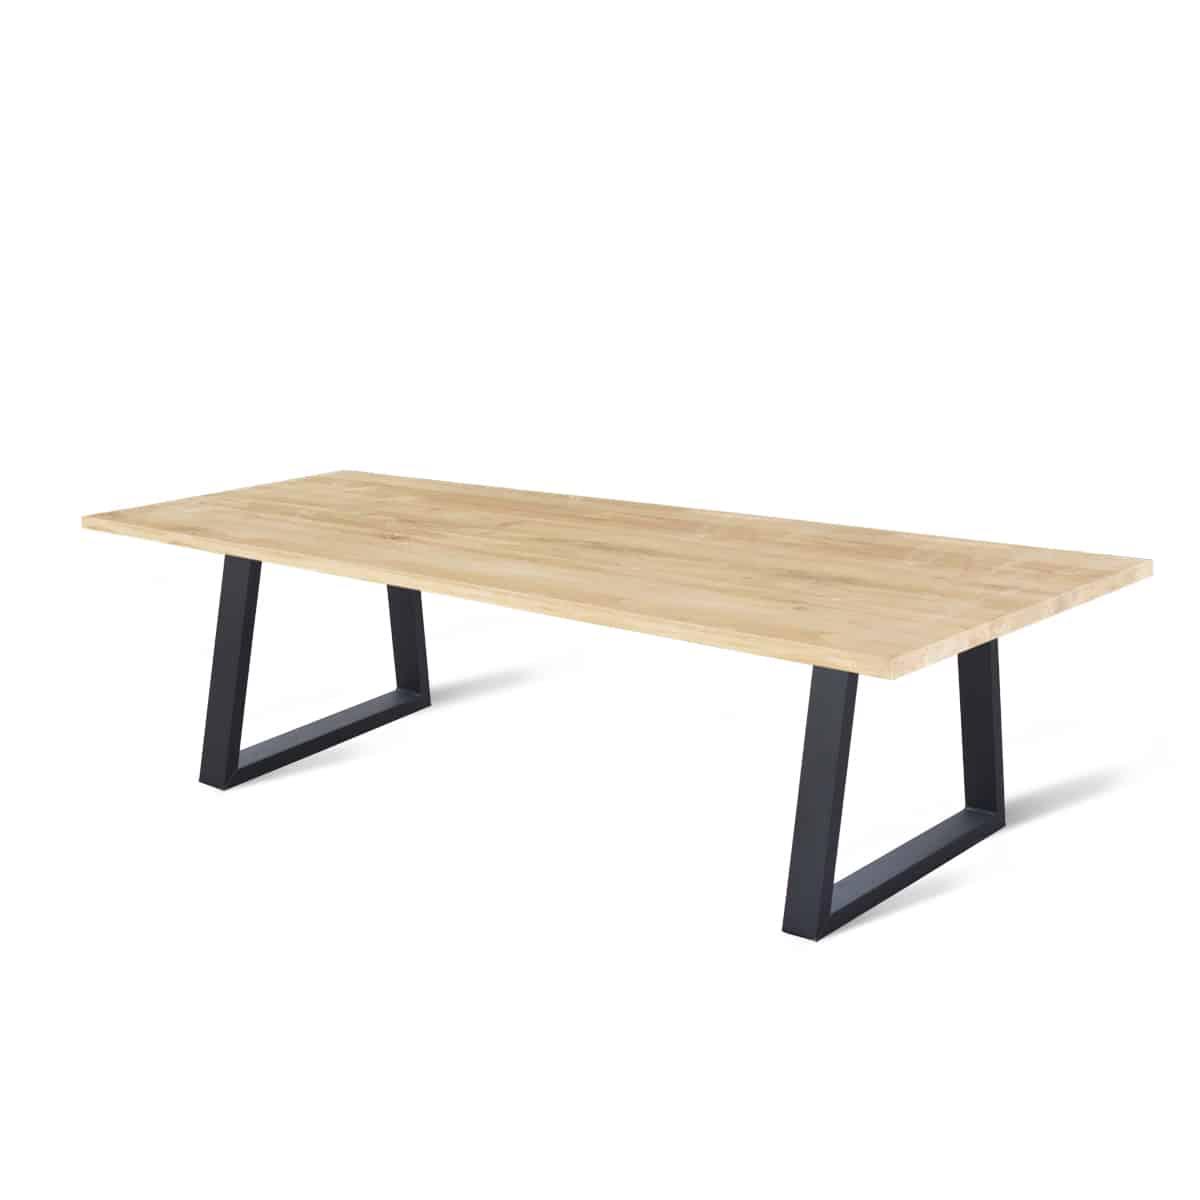 industriele massief eiken houten eetkamer keuken tafel